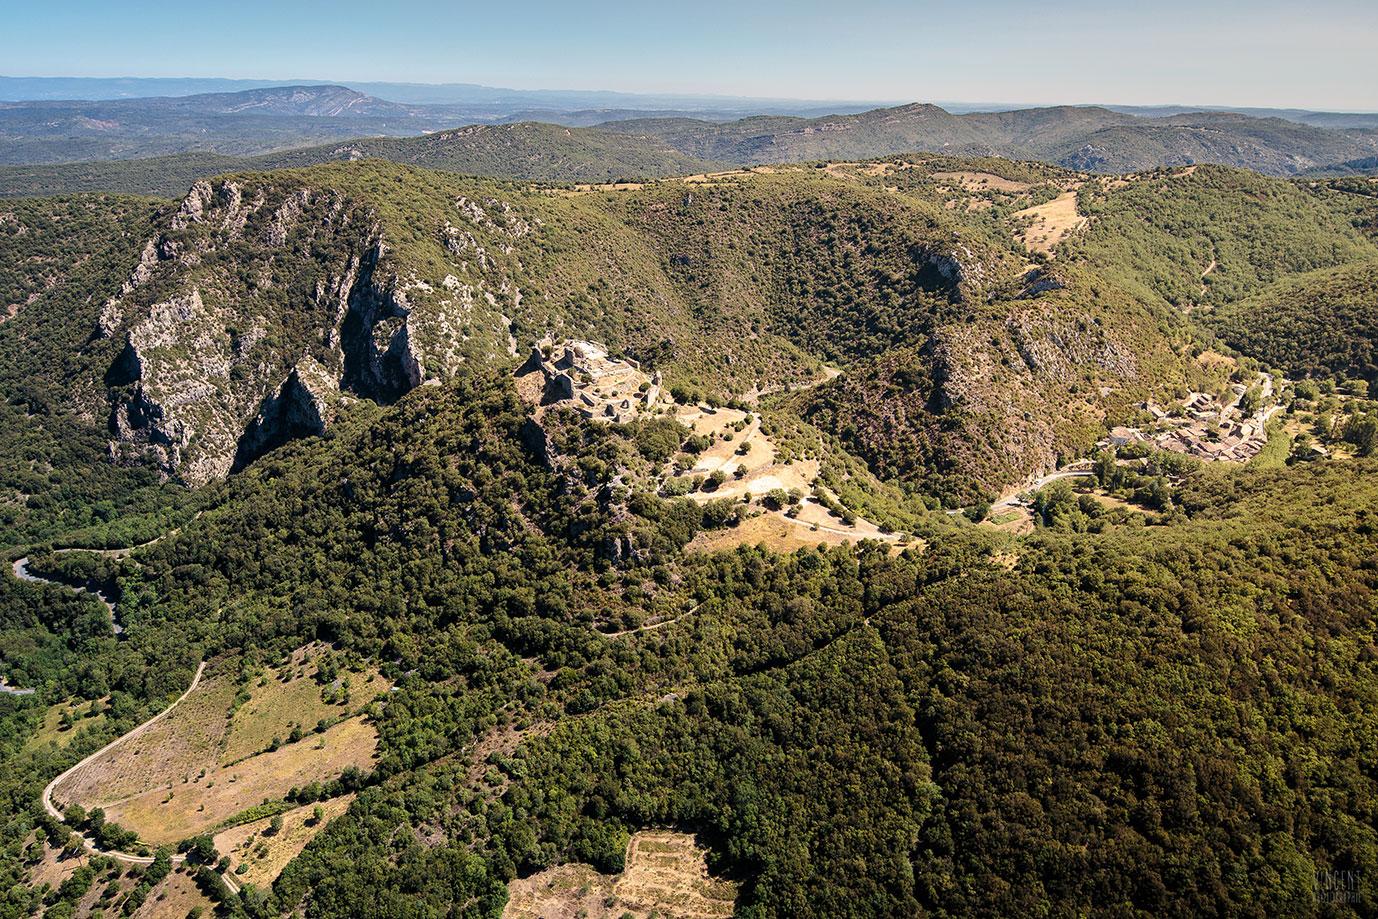 Élevé sur une plate-forme entourée sur trois côtés par un profond ravin, le château n'est accessible que sur sa face sud.